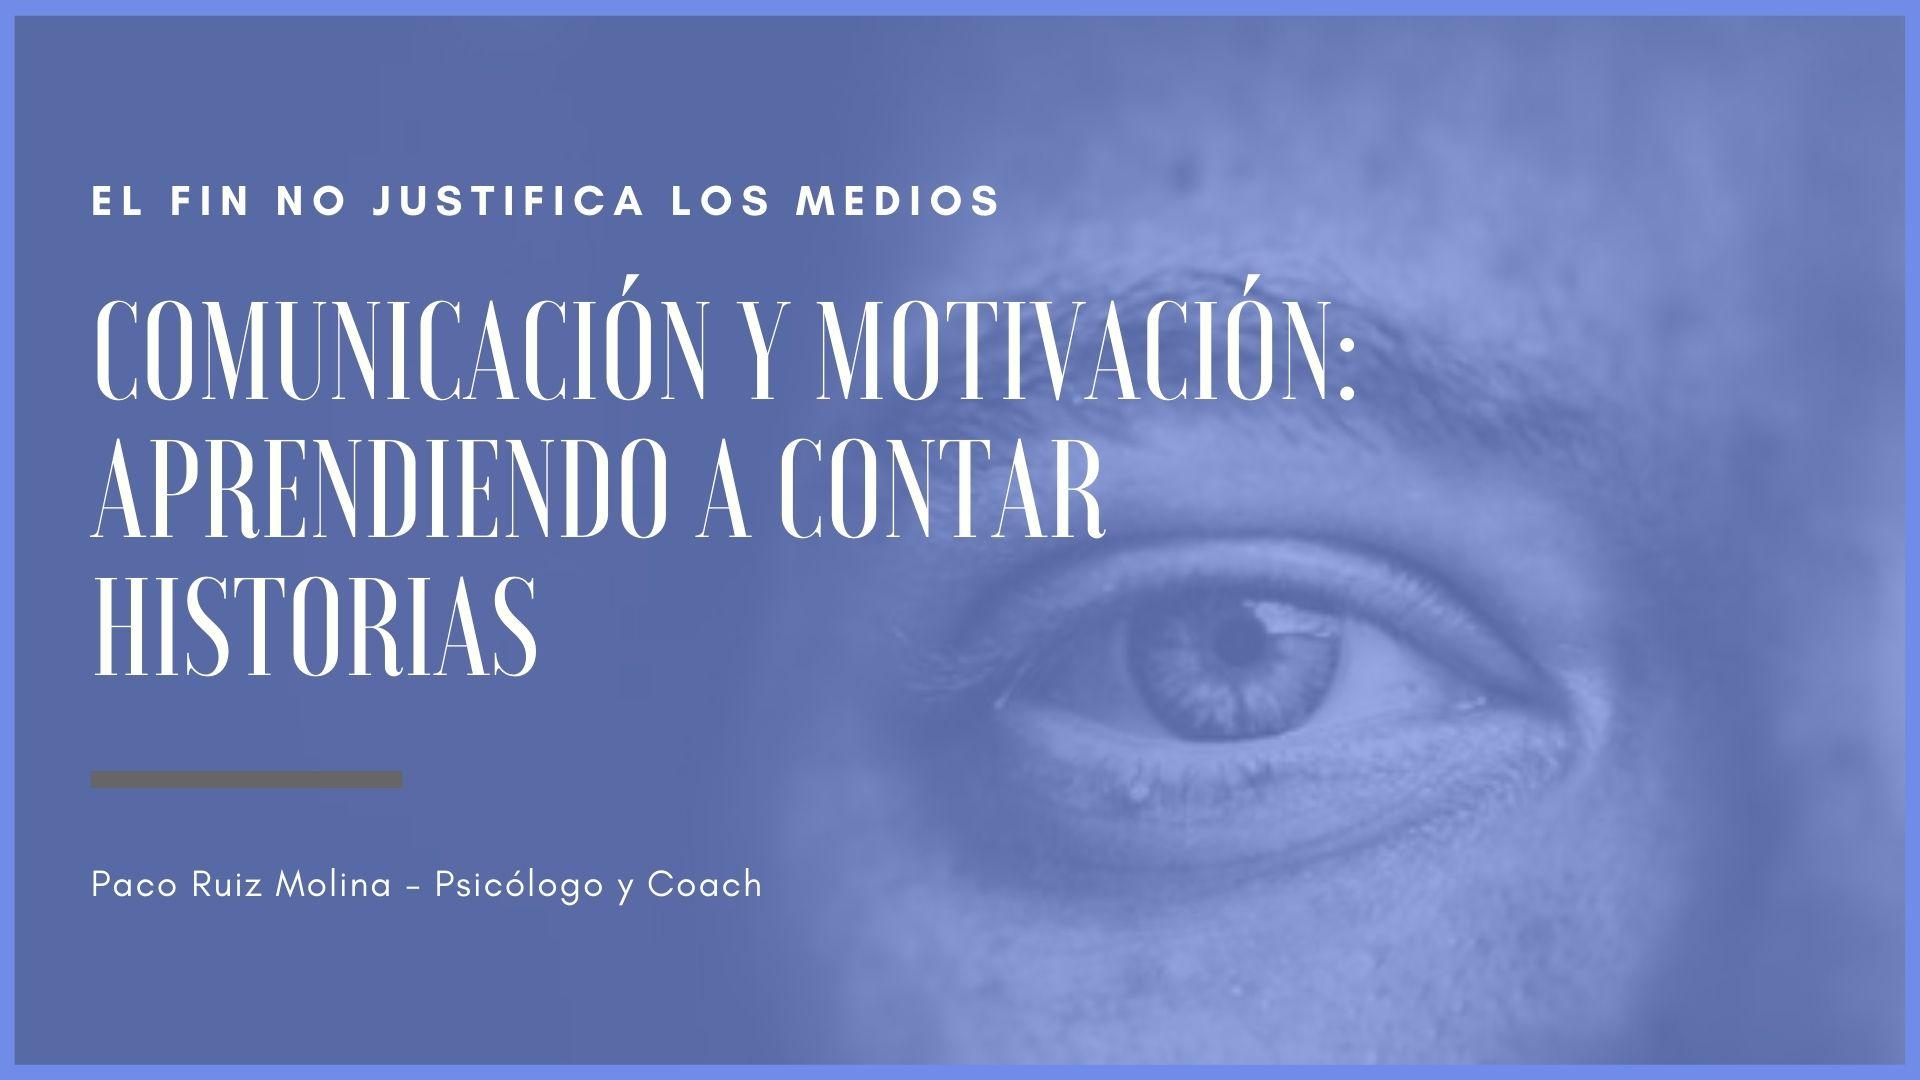 Comunicacion y motivacion. Aprendiendo a contar historias